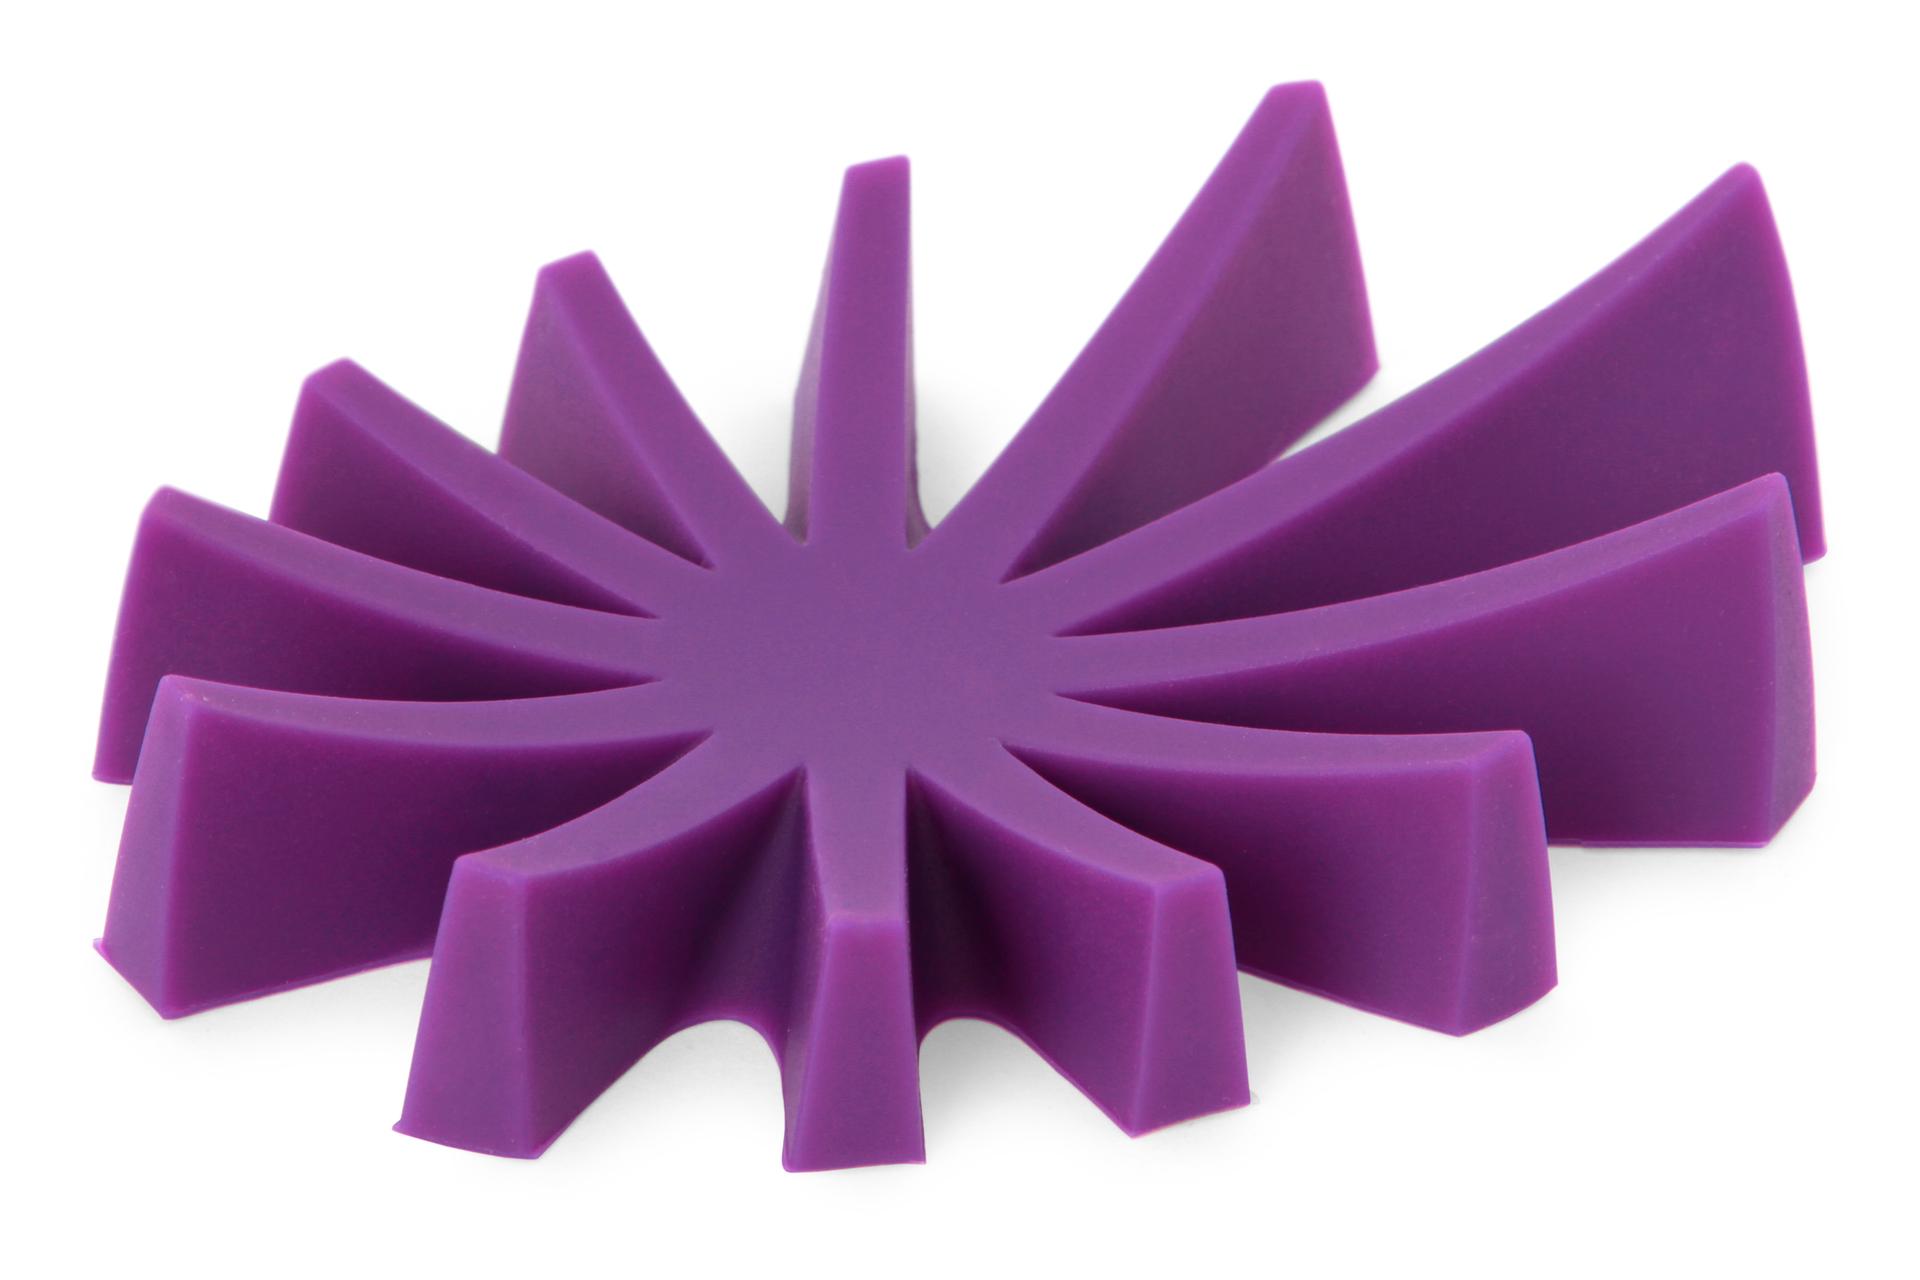 Mýdlovník fialový stojan na tuhá mýdla silikon